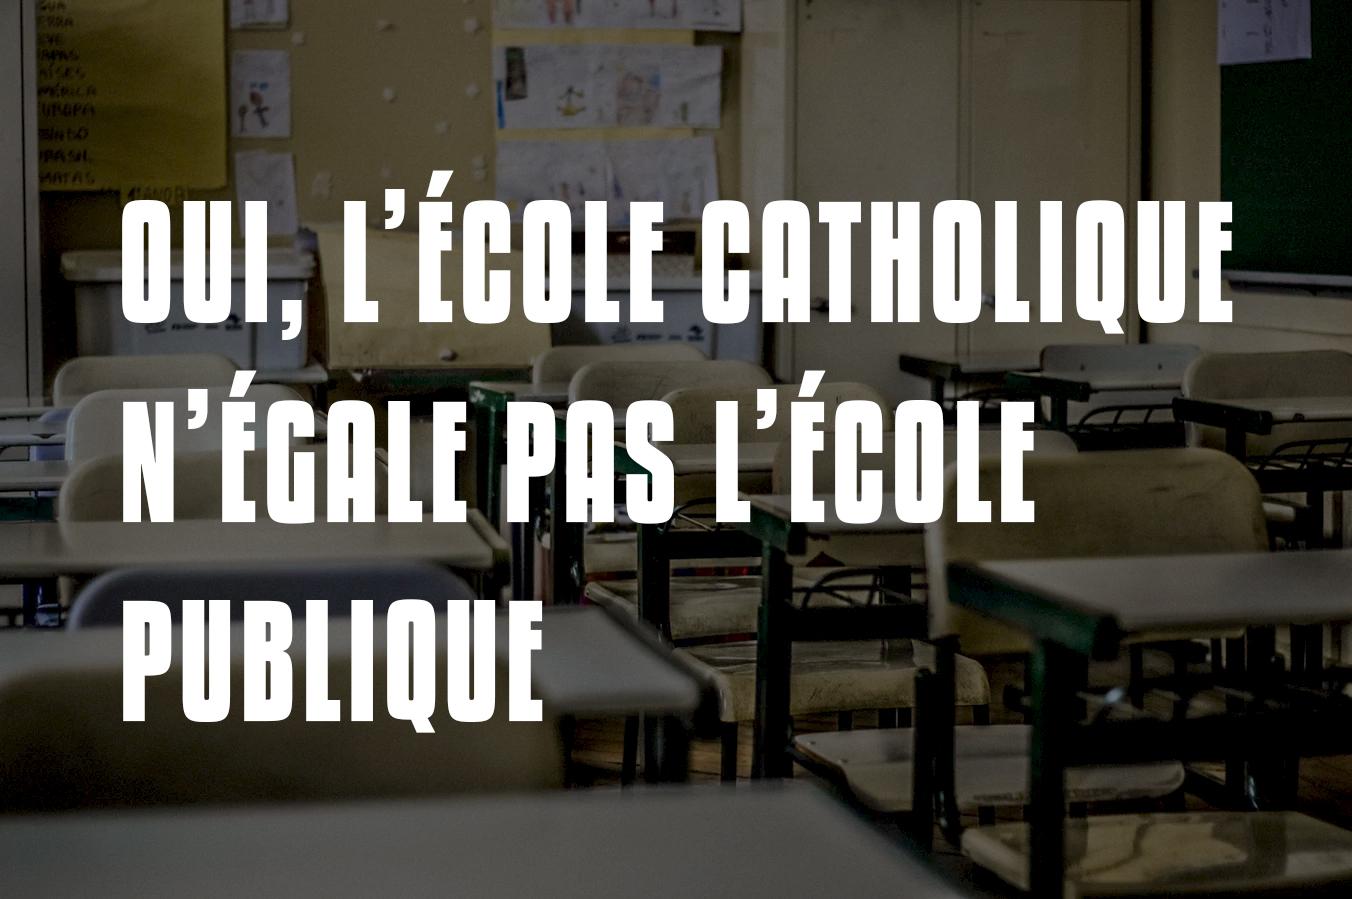 Oui, l'école catholique n'égale pas l'école publique